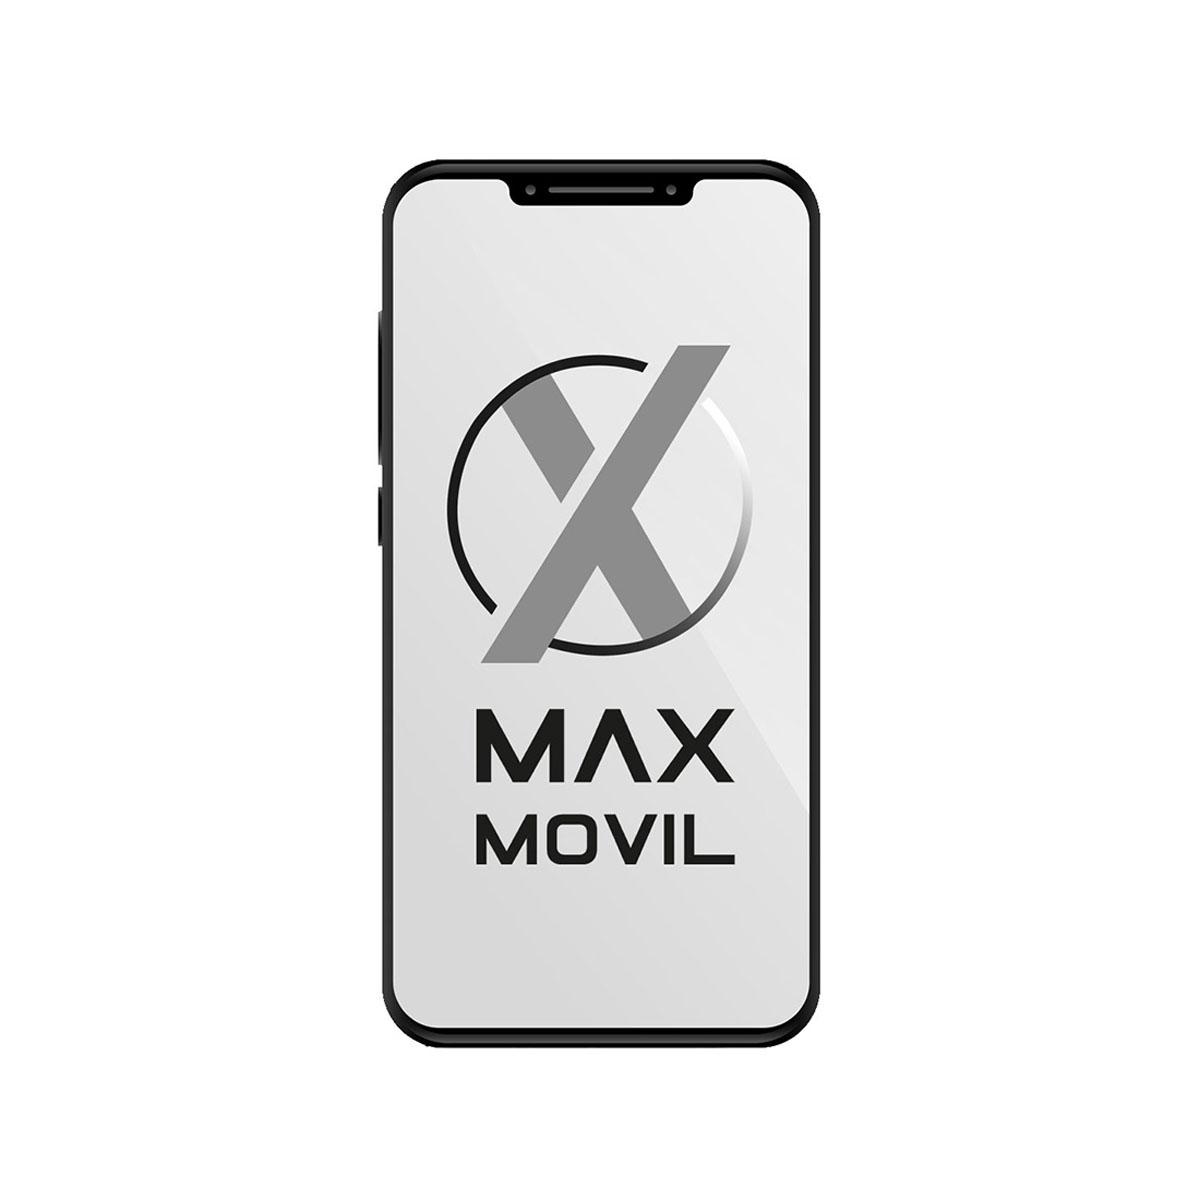 Telefono movil Ulefone S9 Pro 2+16GB libre azul